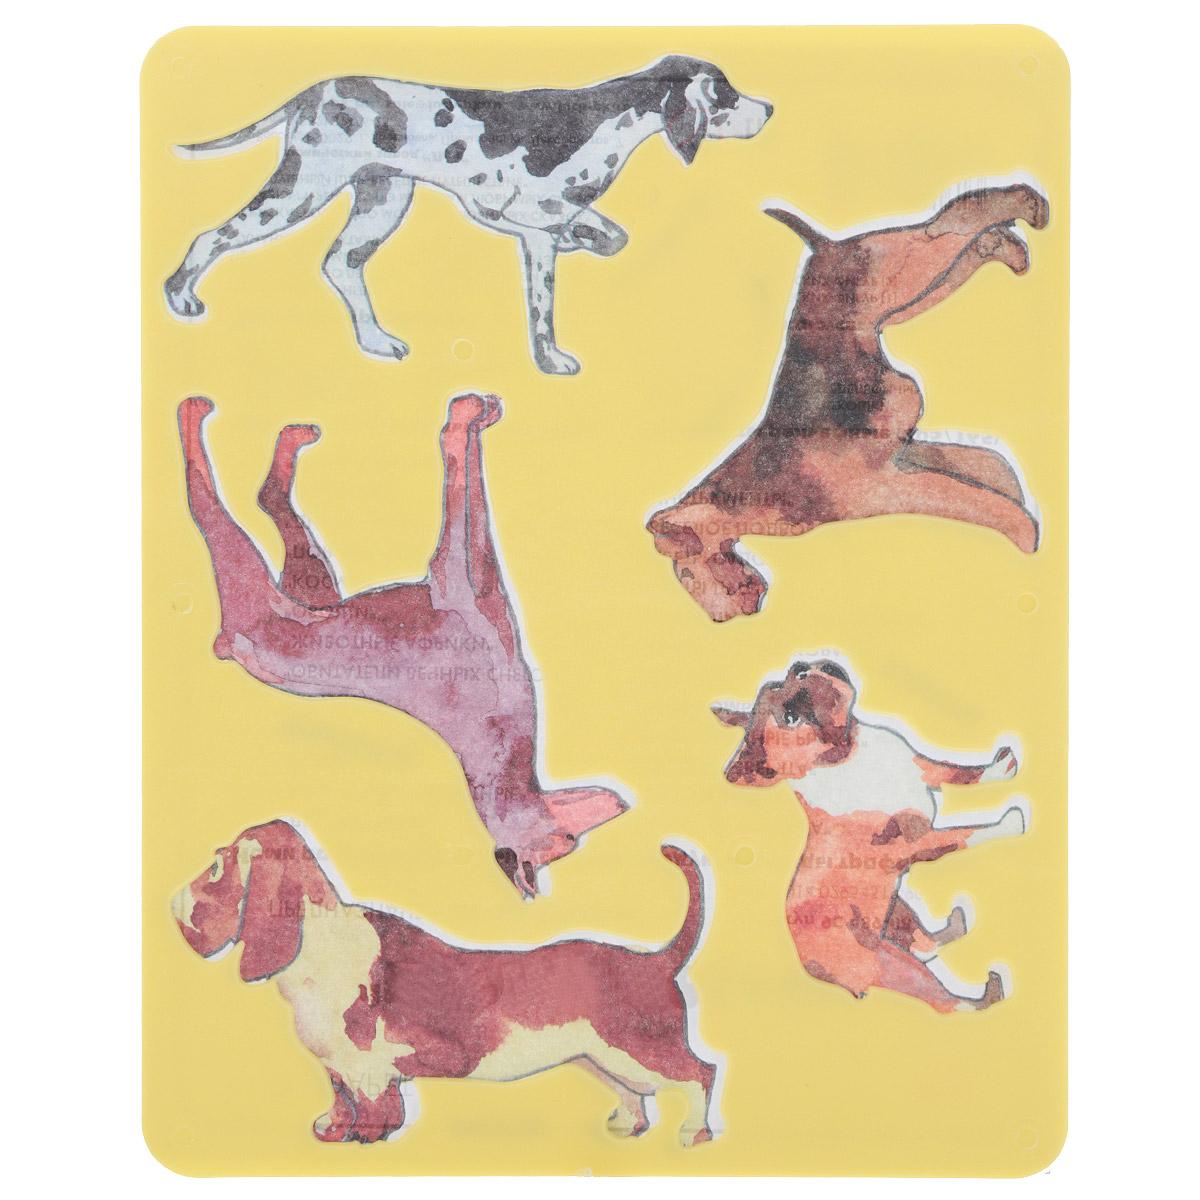 Трафарет прорезной Луч Породы собак, цвет: желтый9С 489-08Трафарет Луч Породы собак, выполненный из безопасного пластика, предназначен для детского творчества. По трафарету маленький художник сможет нарисовать и различные породы собак, и сюжетные картинки с ними. Для этого необходимо положить трафарет на лист бумаги, обвести фигуру по контуру и раскрасить по своему вкусу или глядя на цветную картинку-образец. Трафареты предназначены для развития у детей мелкой моторики и зрительно-двигательной координации, навыков художественной композиции и зрительного восприятия.